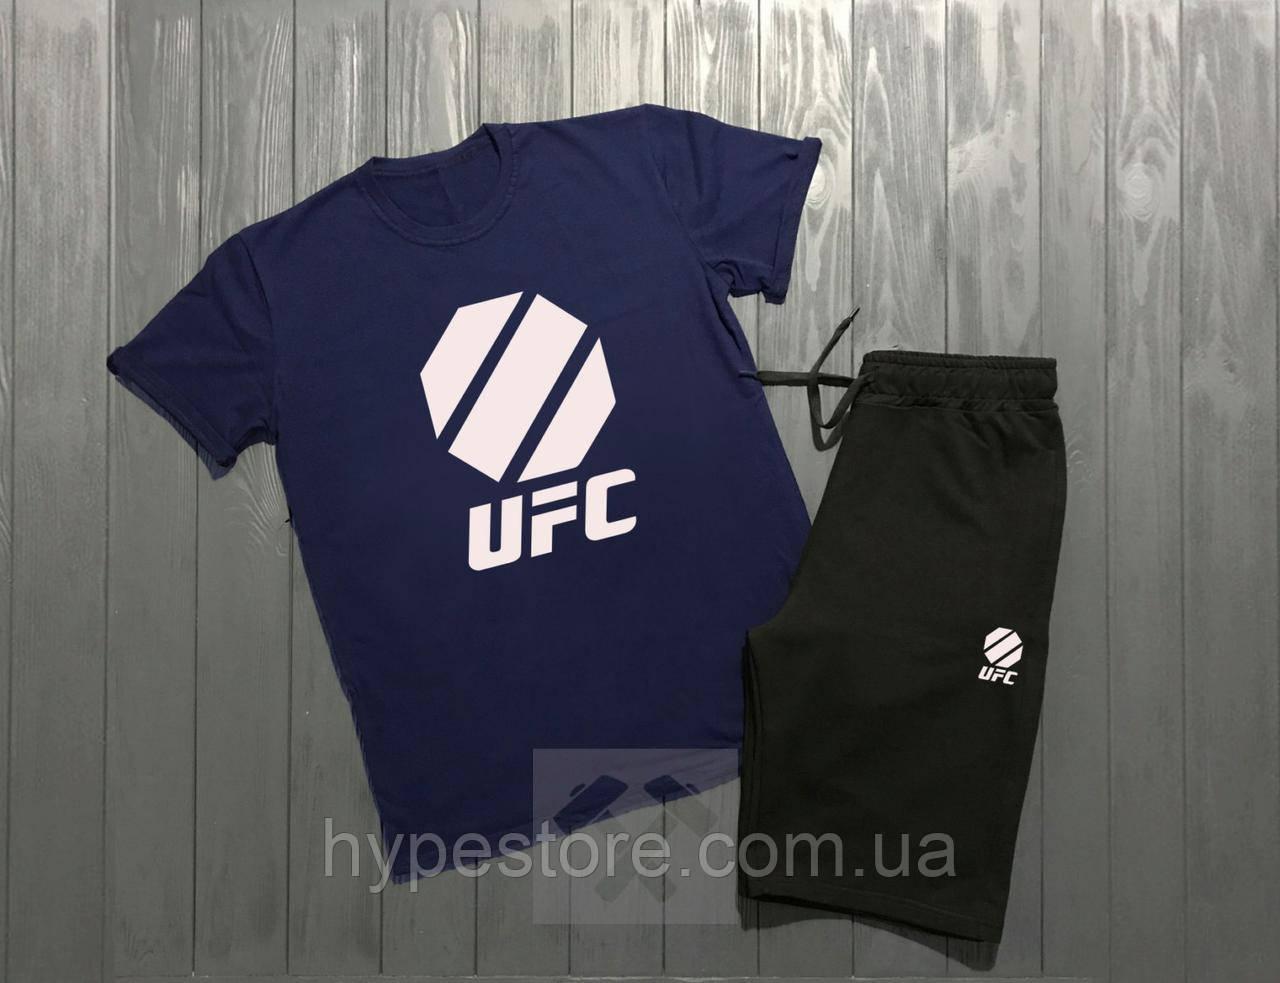 Летний спортивный костюм, комплект UFC (темно-синий + черный), Реплика